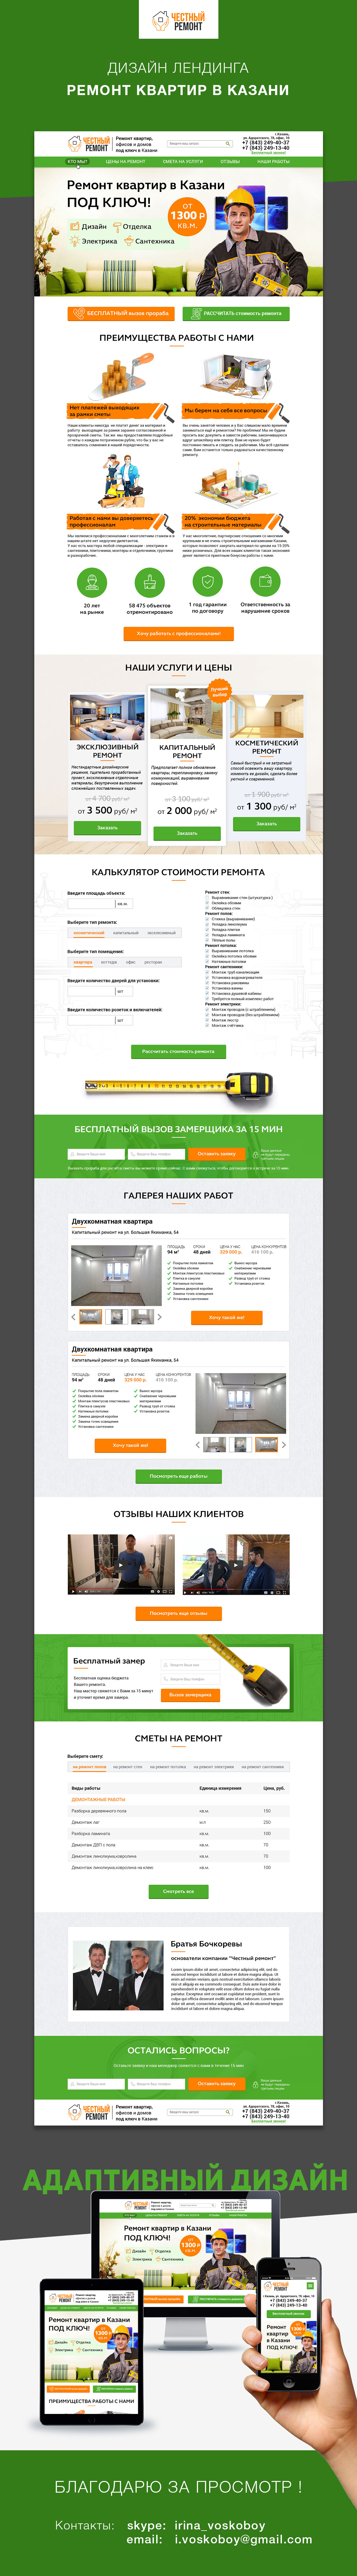 """Дизайн лендинга """"Ремонт квартир в Казани"""""""